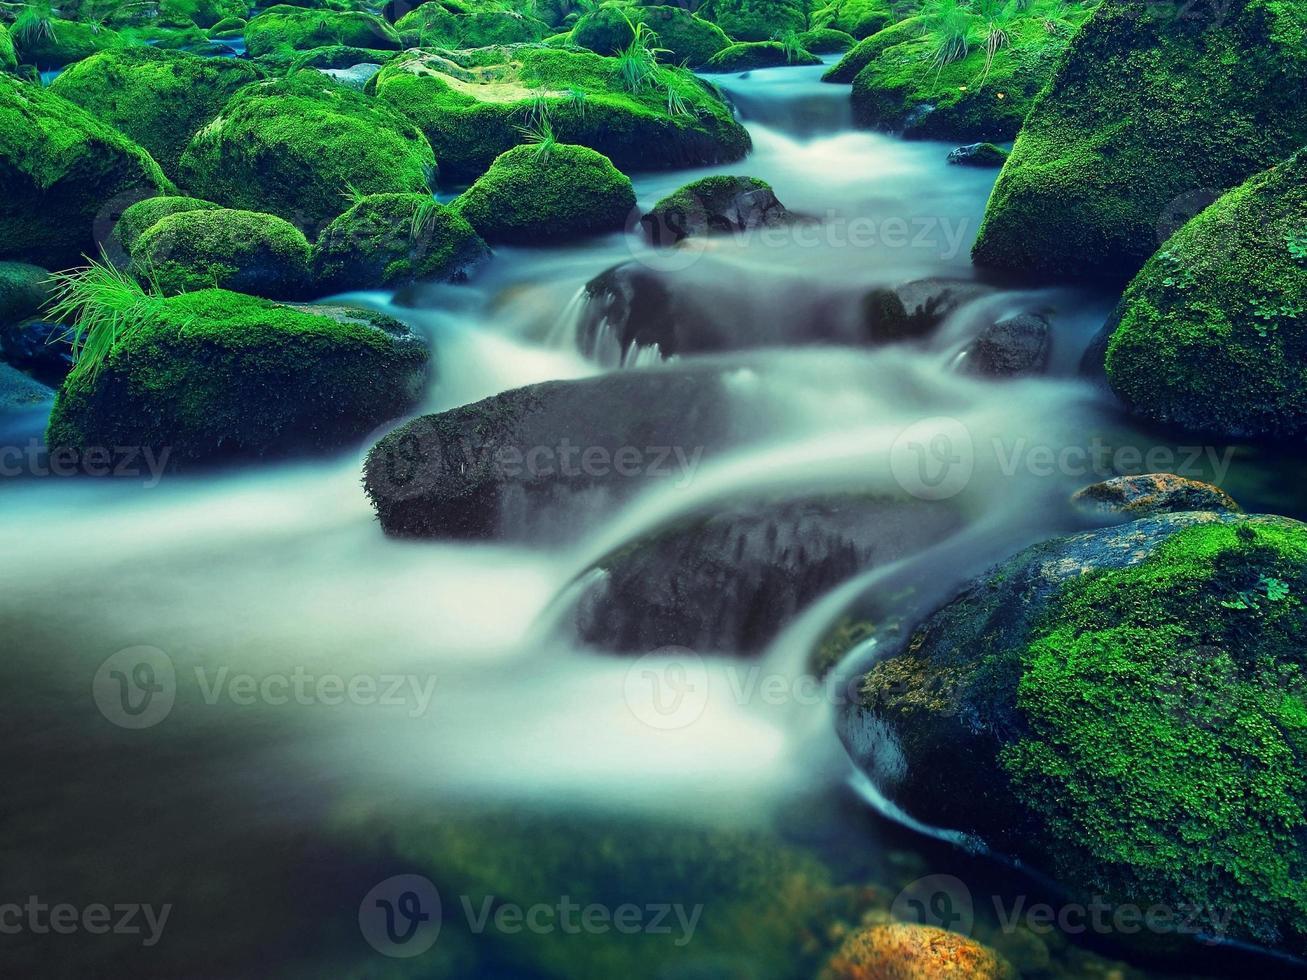 grandes pedregulhos na água espumosa do Rio de montanha. foto